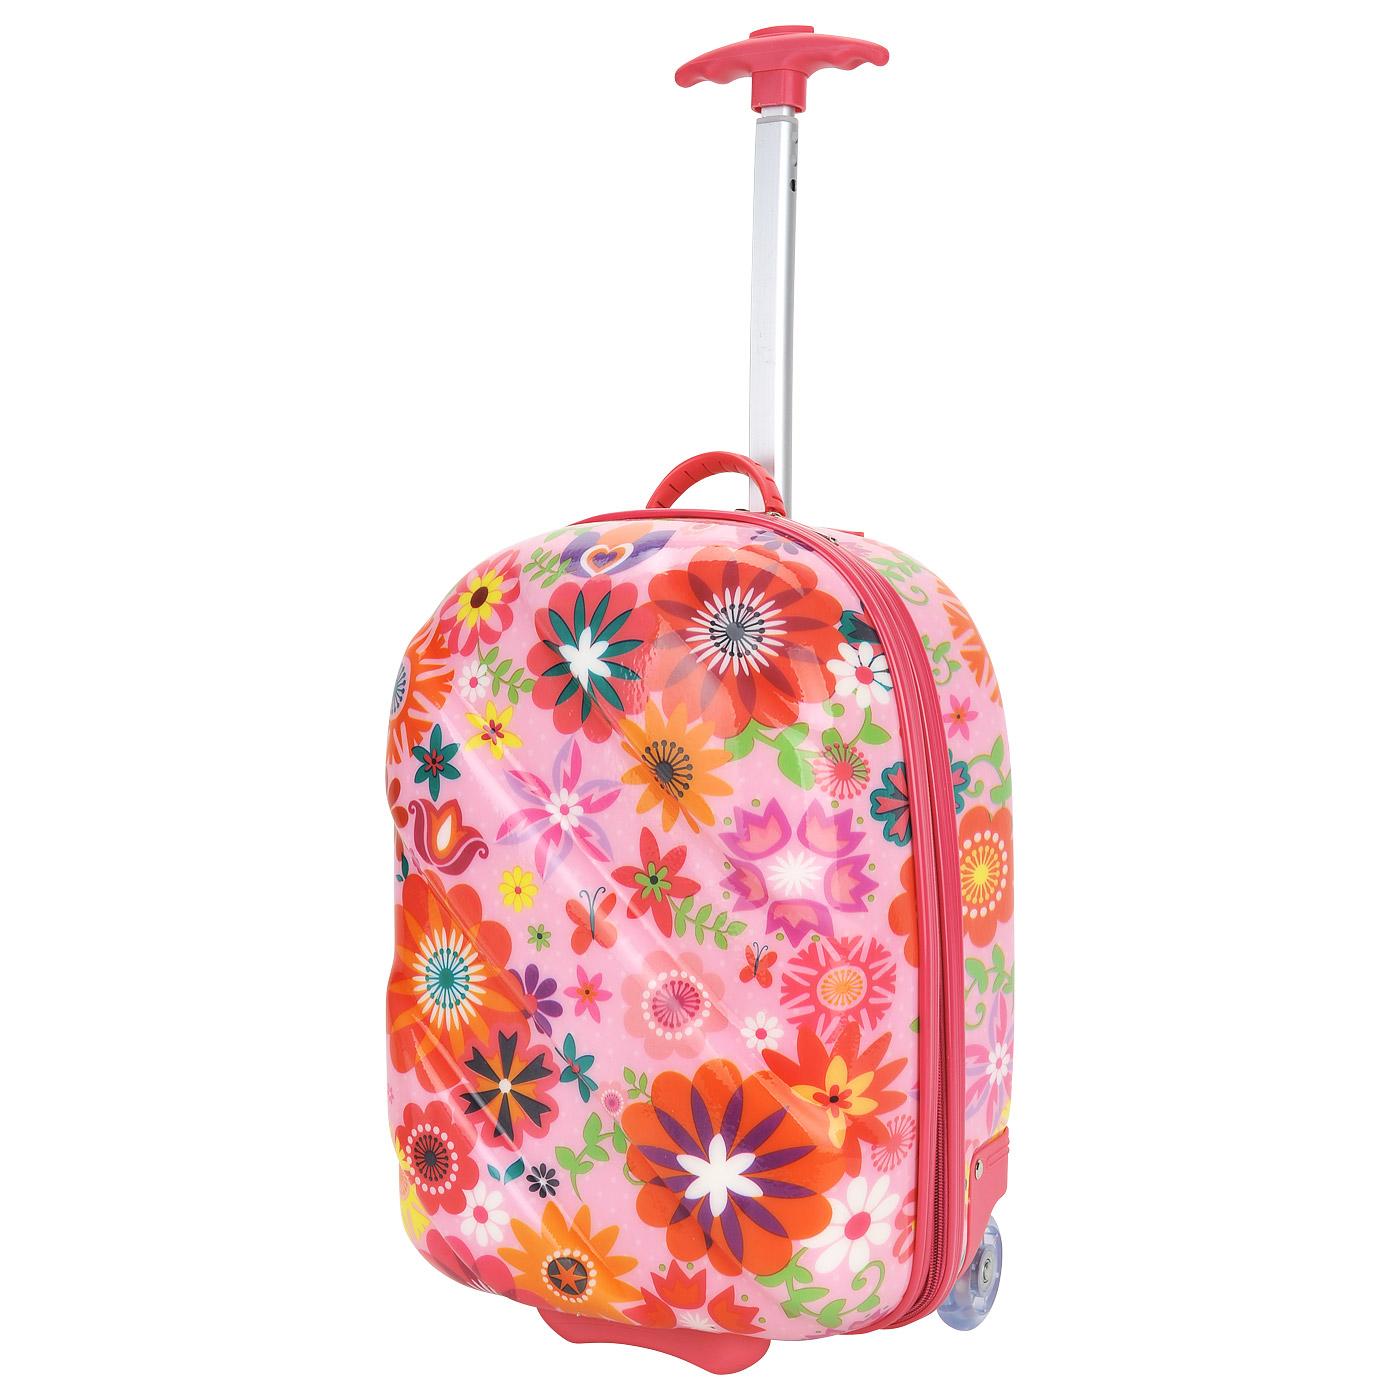 Купить детский чемодан в Москве